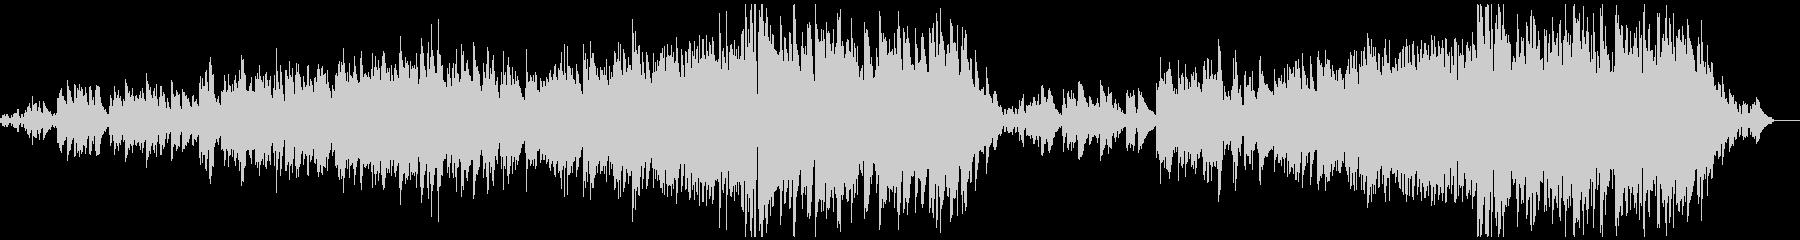 ピアノBGM デート ウェディング などの未再生の波形